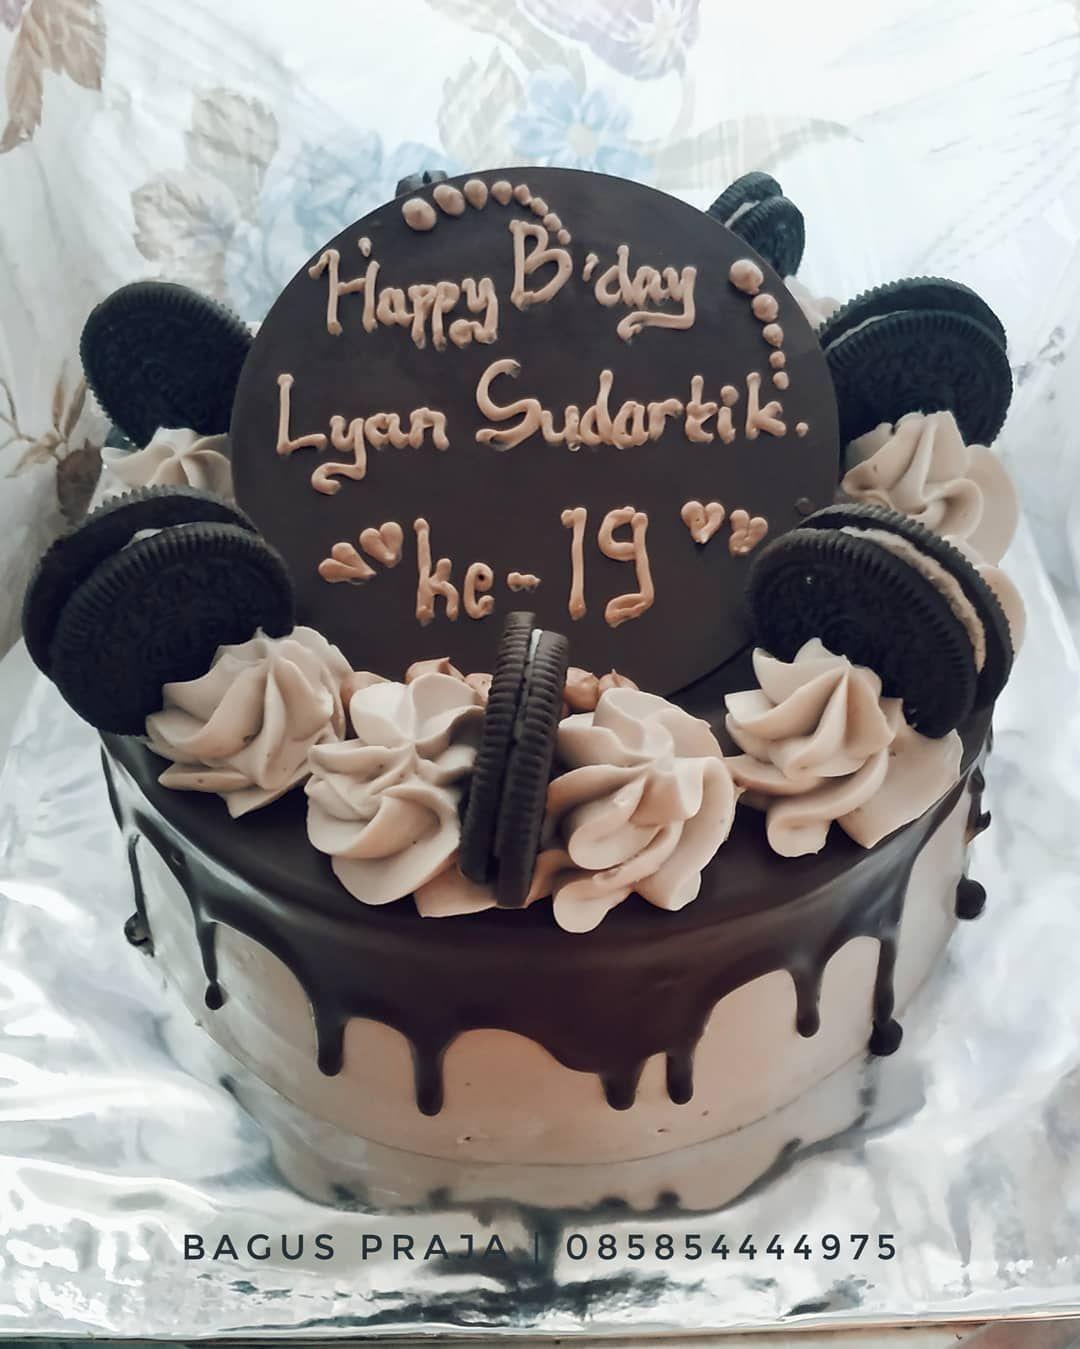 Kue Ultah Coklat Simple : ultah, coklat, simple, Dekorasi, Chocolate, Artata, Menyediakan, Segala, Macam, Jenis, Mulai, Ultah..., Tart,